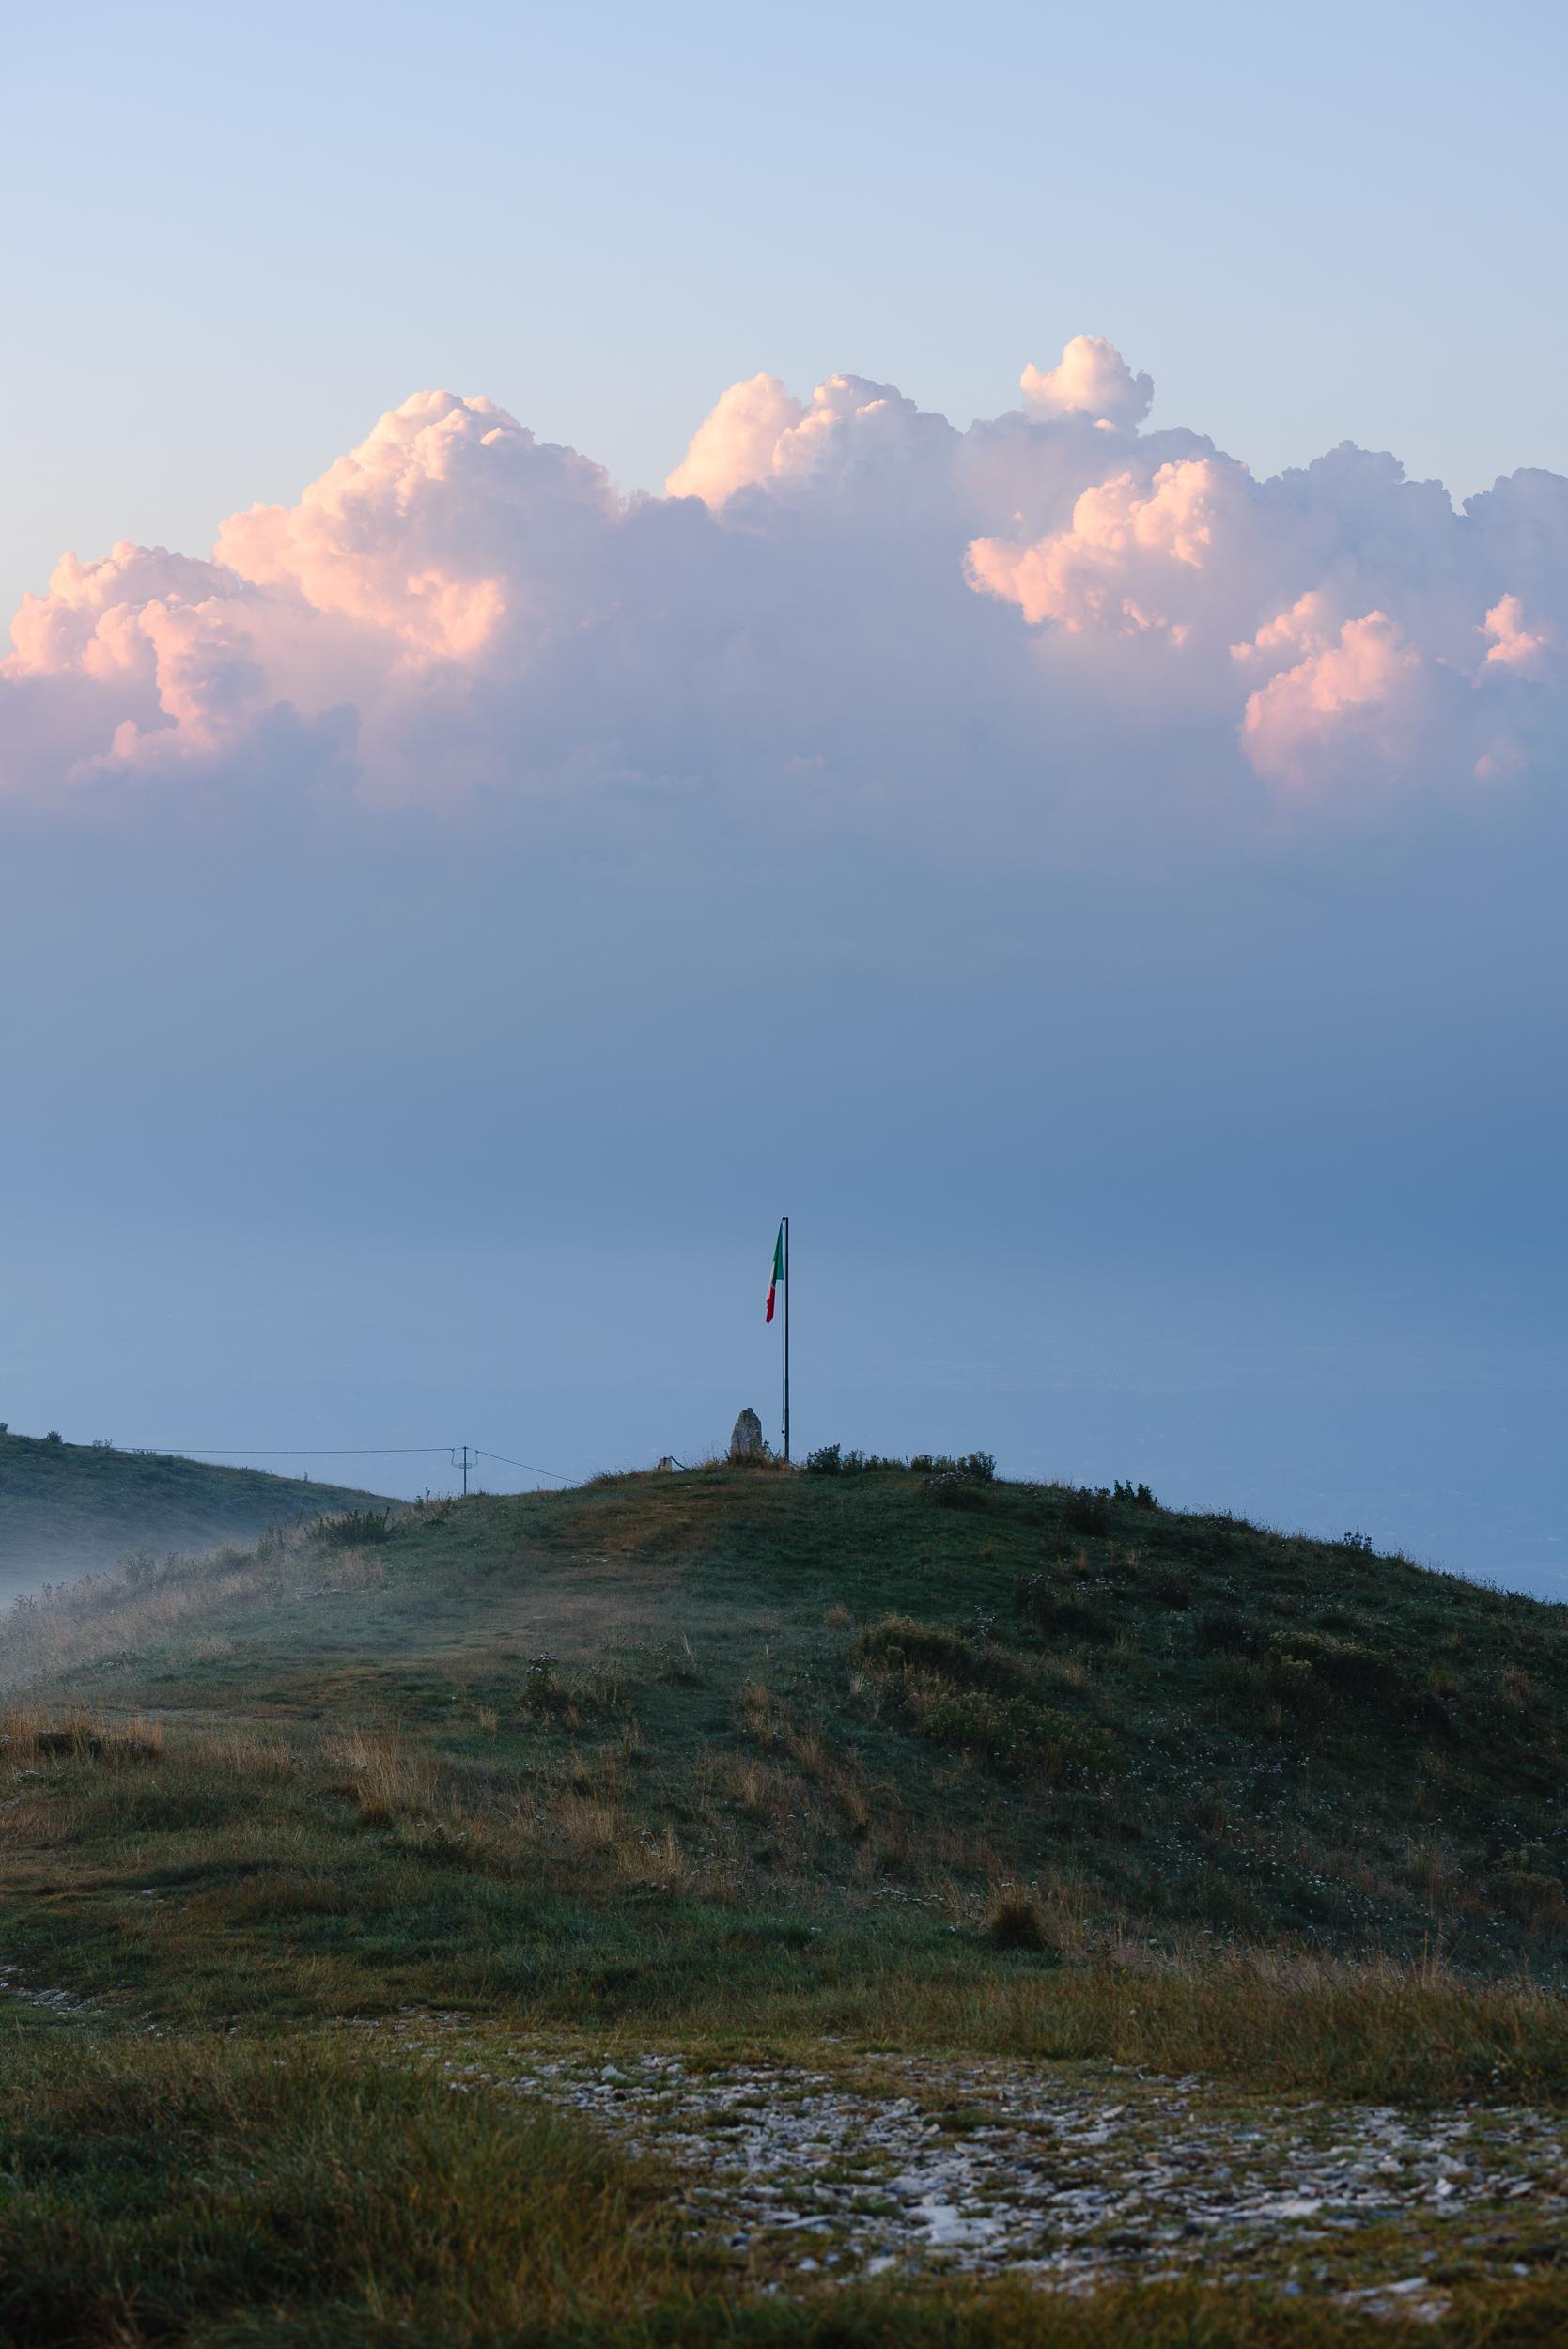 2018-08-11_Web_4902_Calm flag at sunrise.jpg